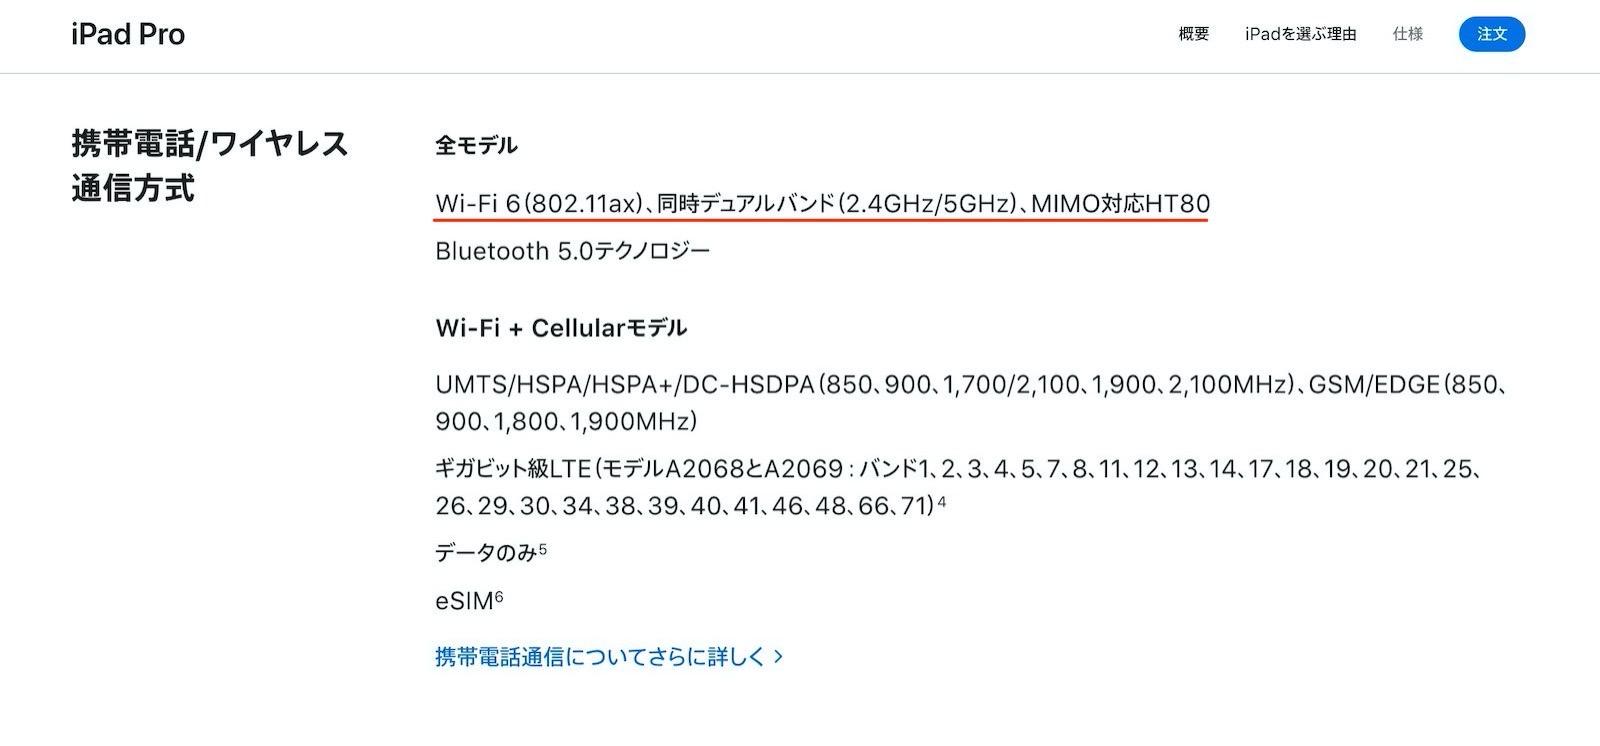 Wifi 6 ipadpro 2